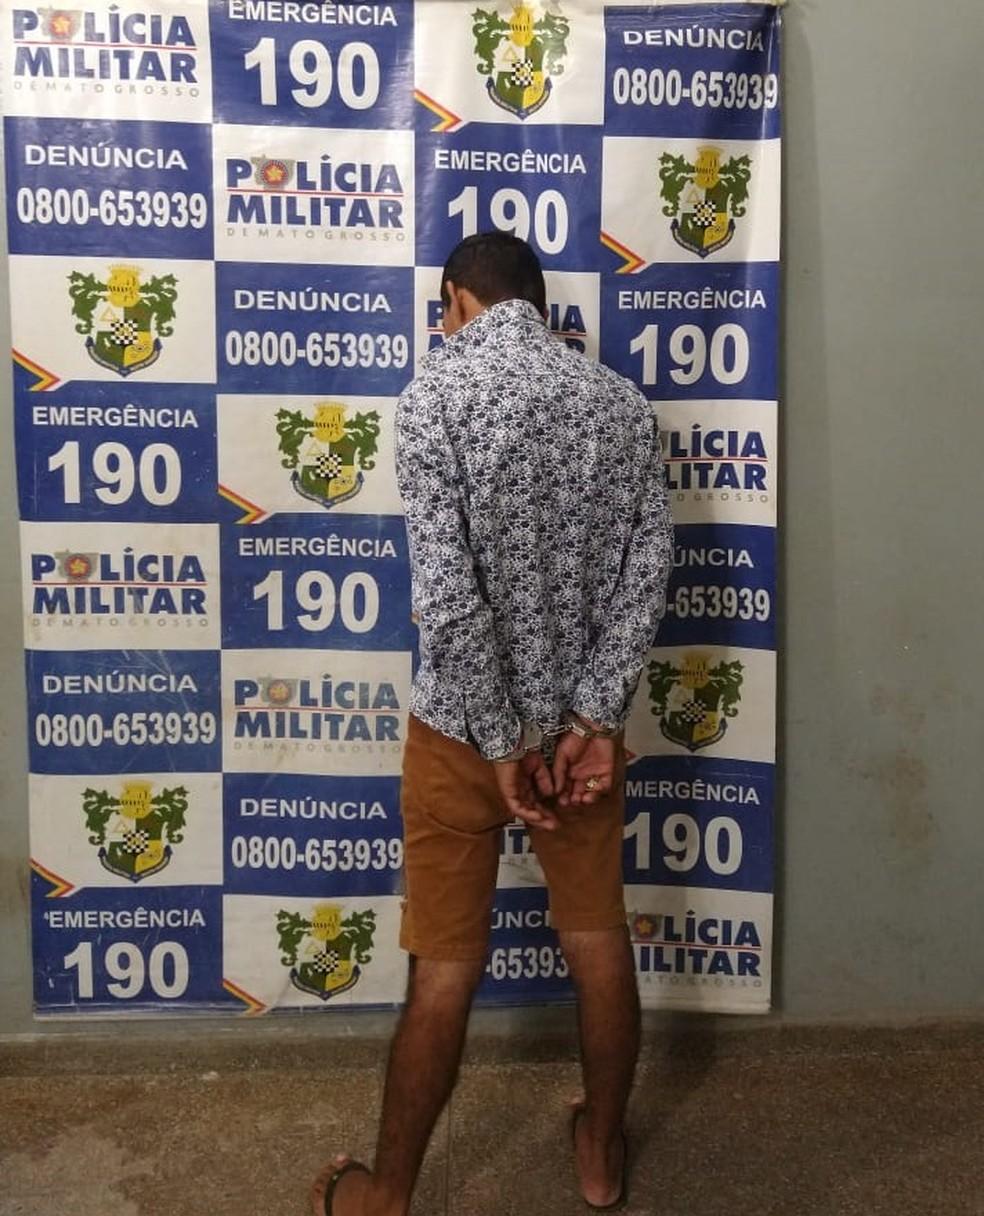 Marido foi preso por agredir mulher com mordidas e tijolada em Rondonópolis — Foto: Polícia Militar de Mato Grosso/Assessoria